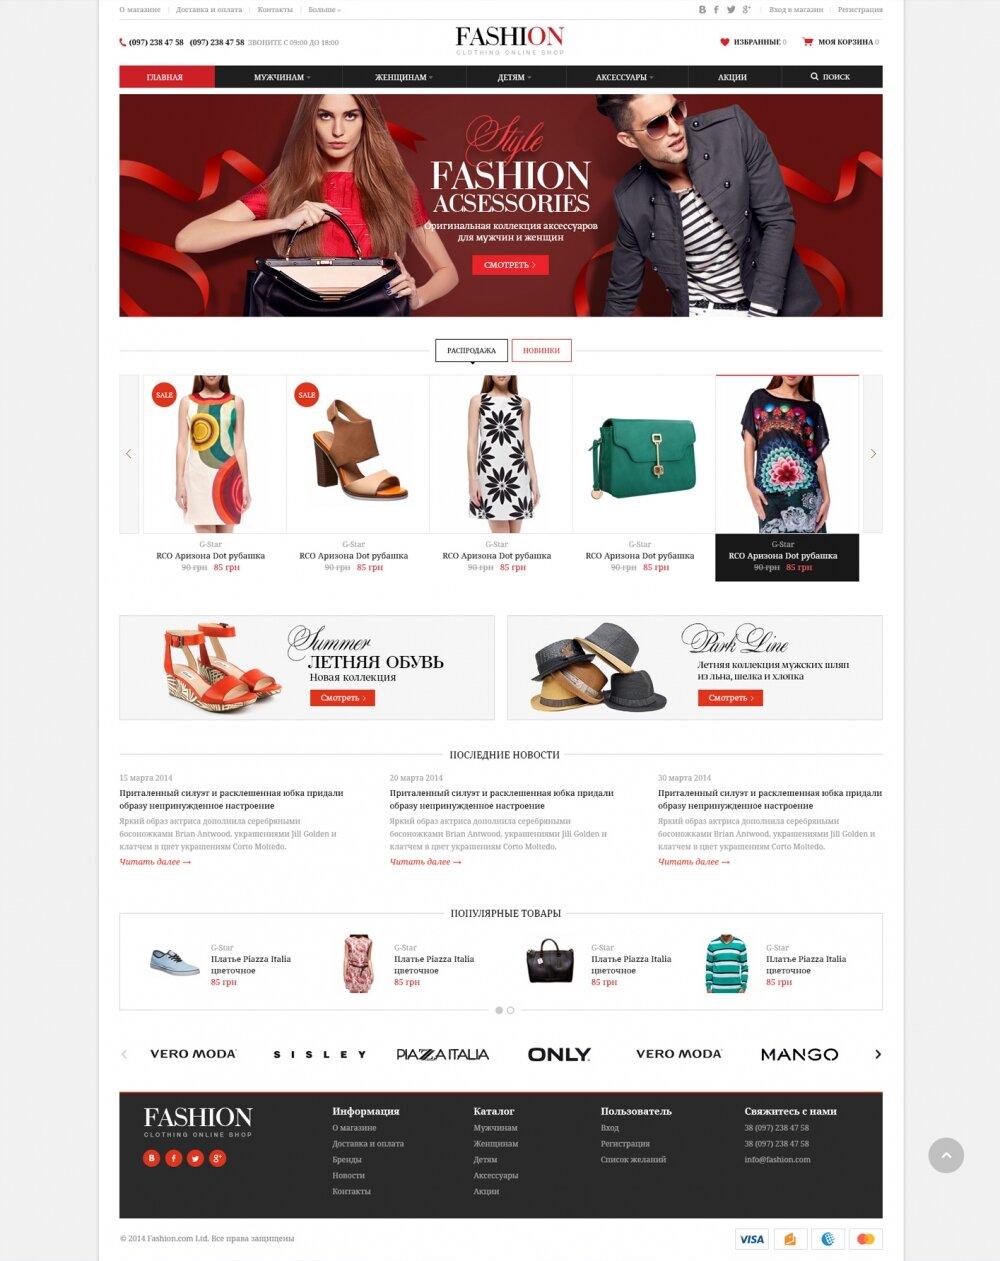 Безкоштовний шаблон інтернет-магазину Fashion Одежда и стиль - 1 Small